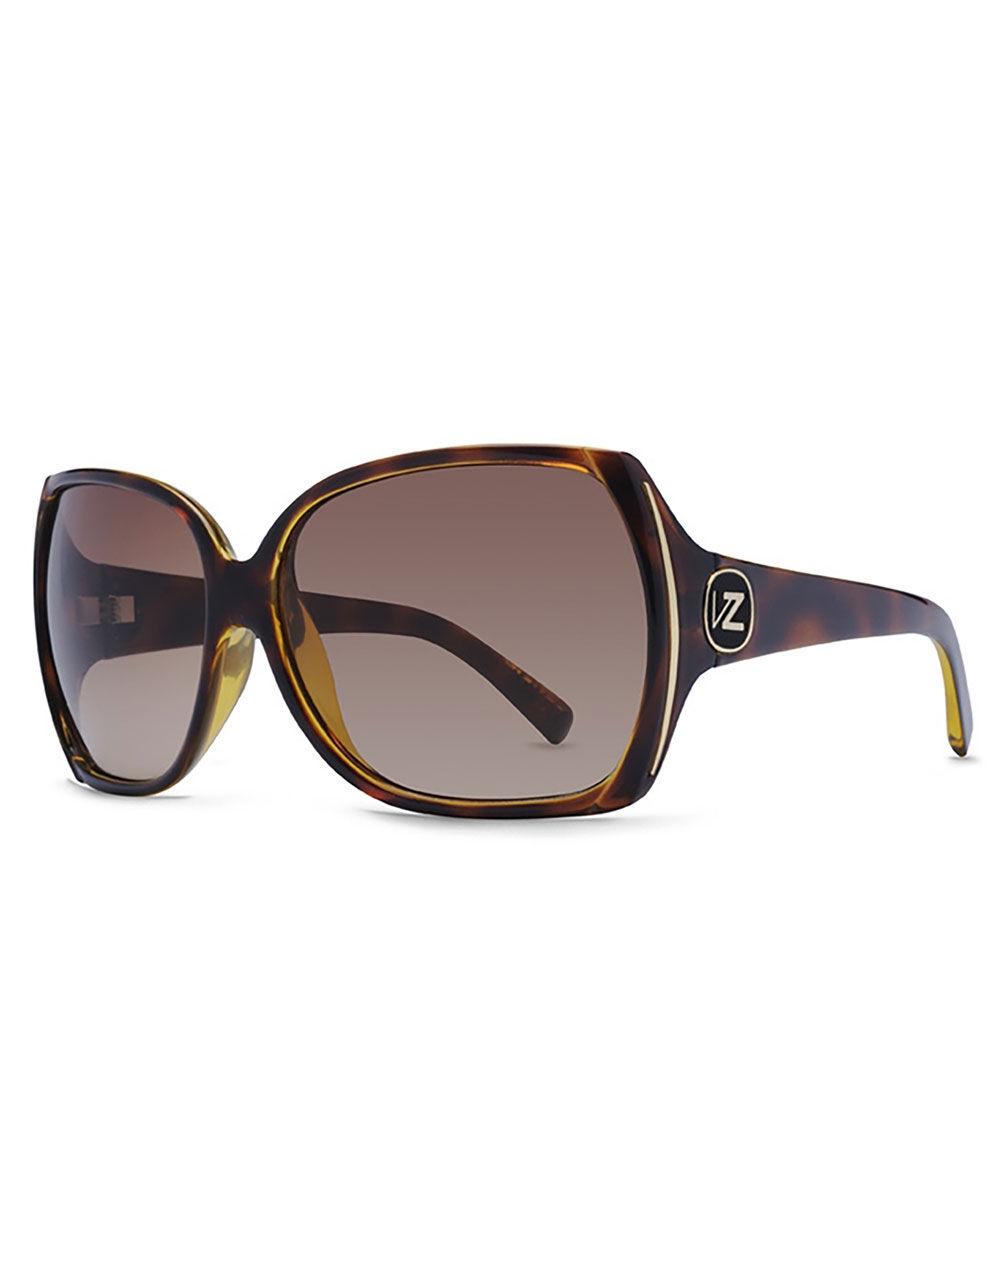 VON ZIPPER Trudie Sunglasses